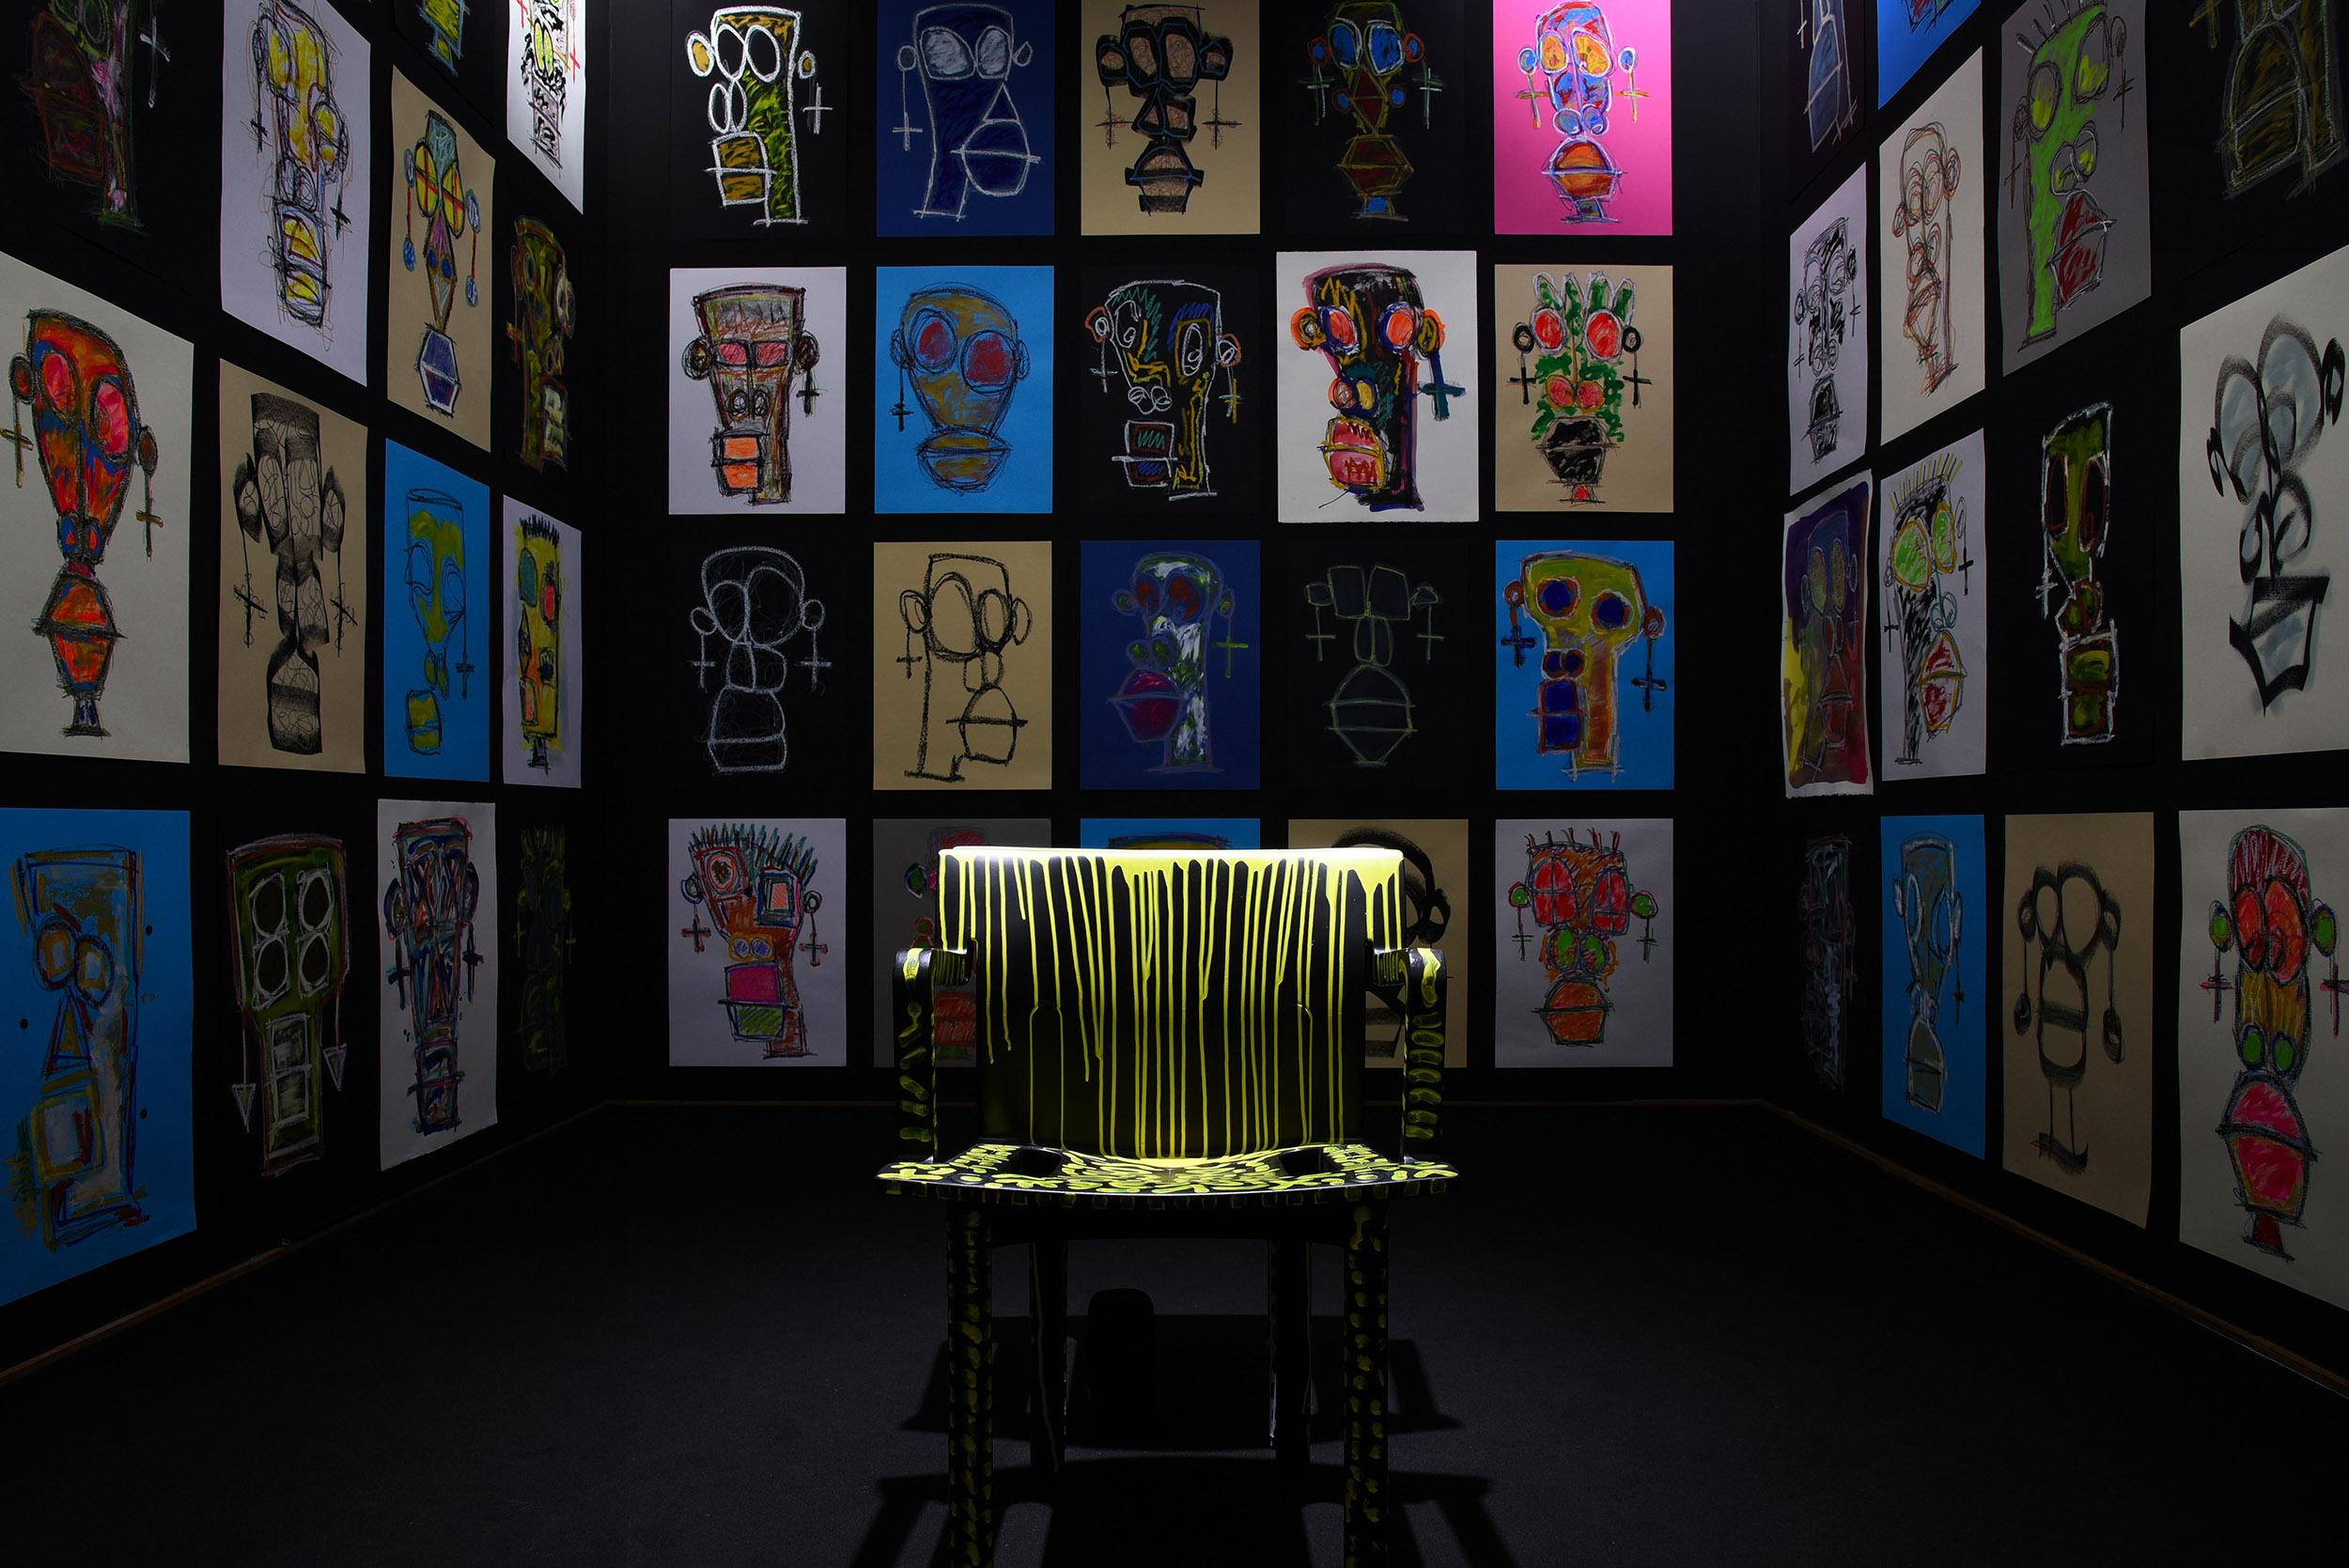 Il mondo in una stanza. Storie pittoriche da quarantena, in mostra a Melano